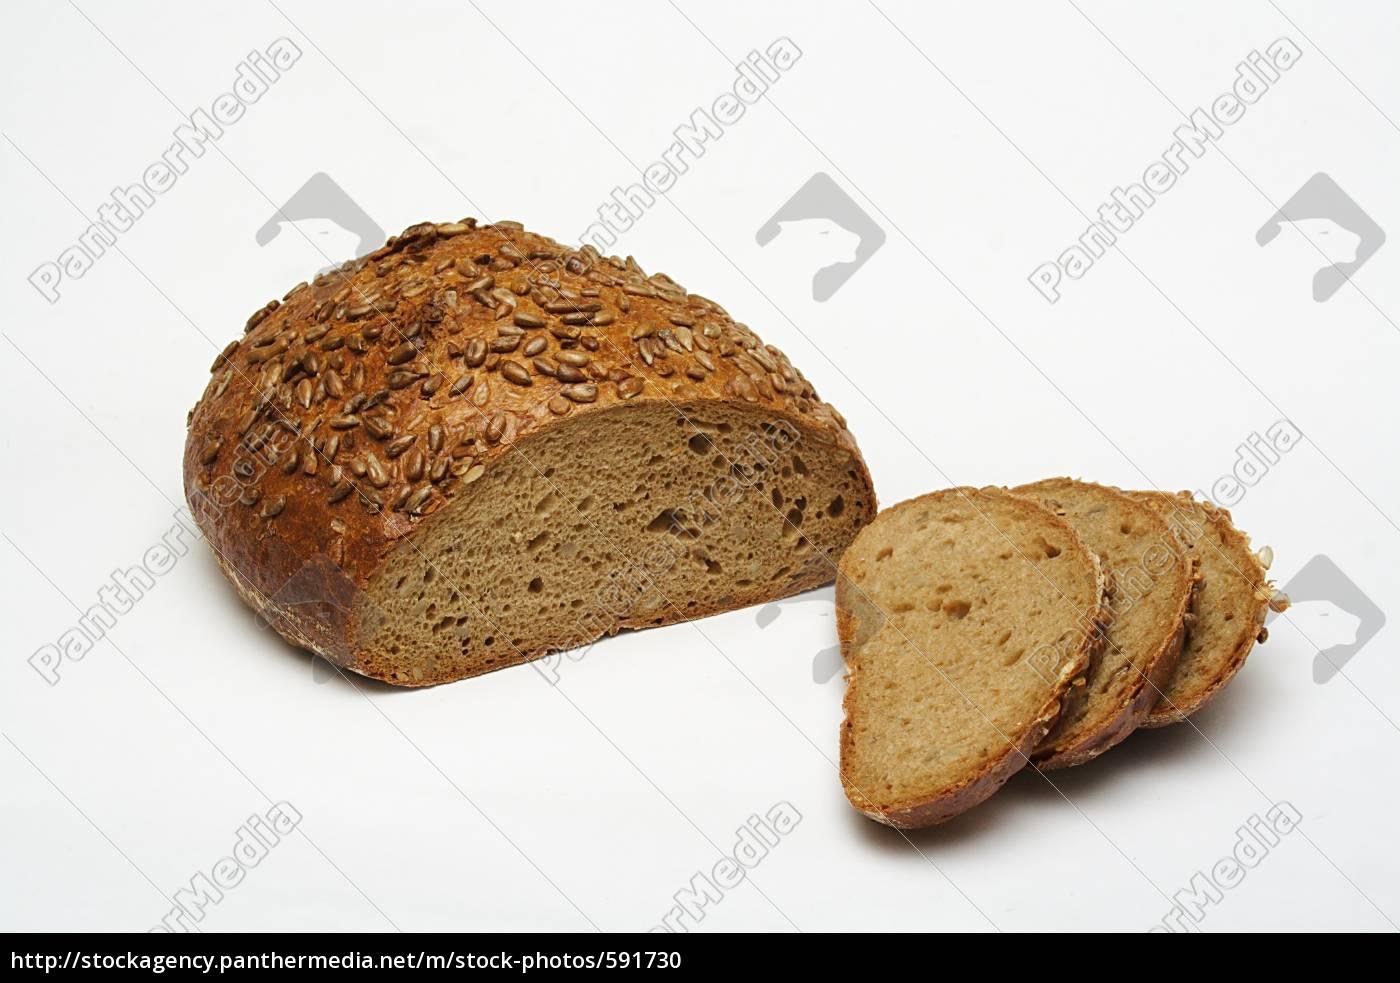 sunflower, bread - 591730